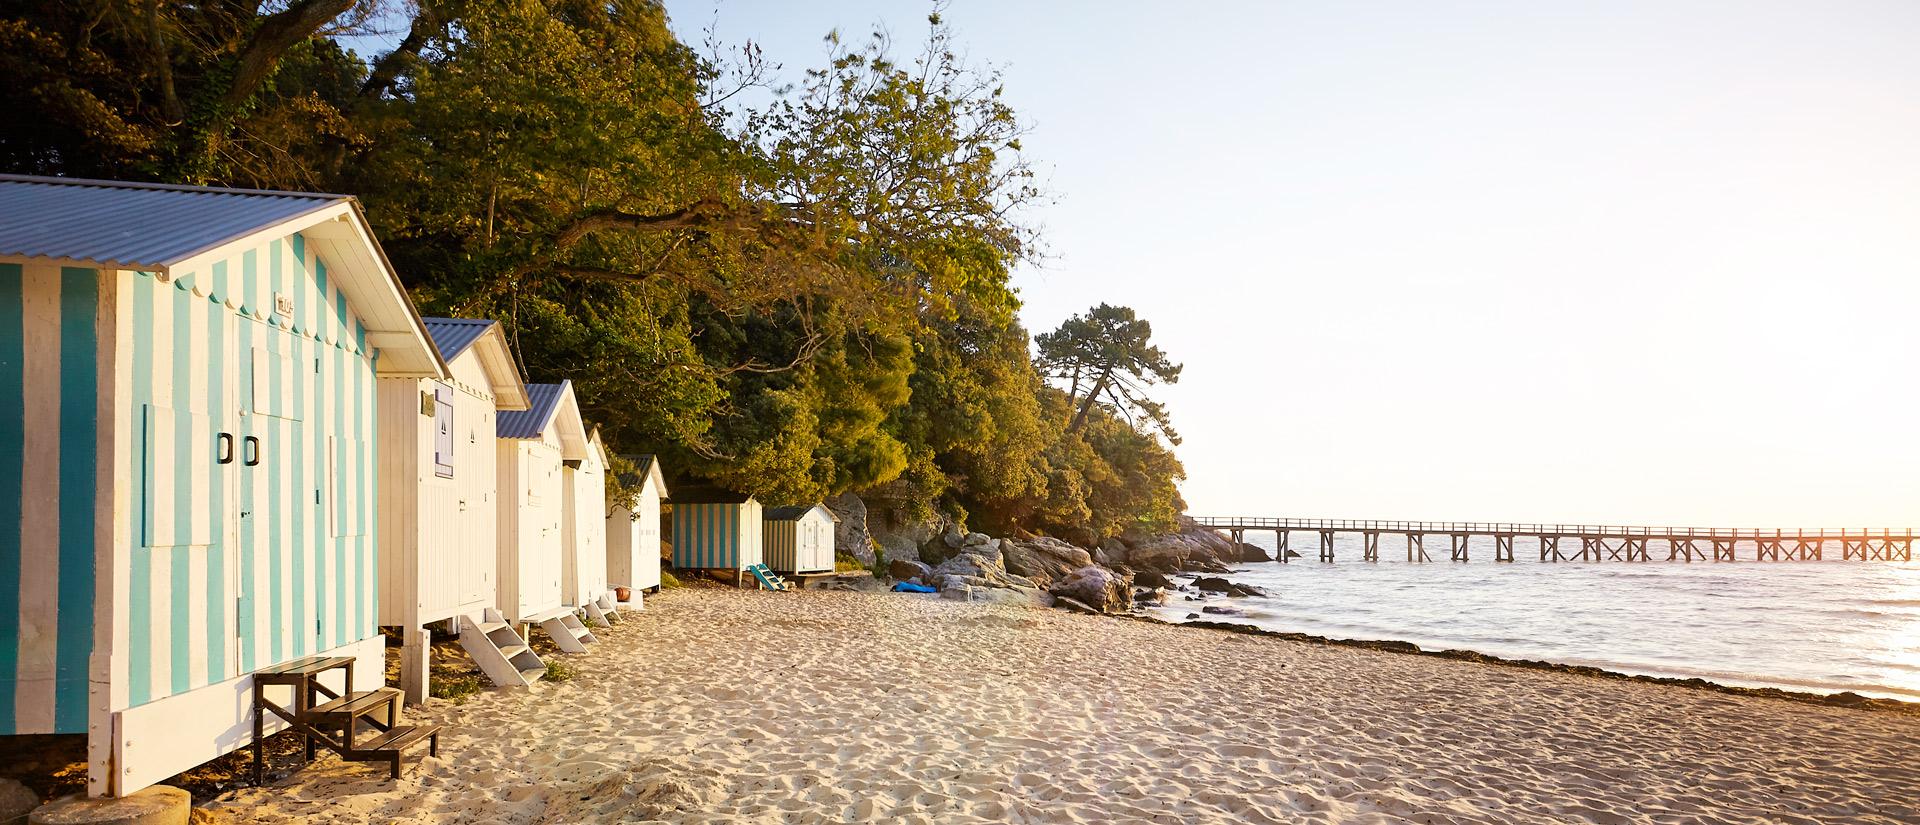 Camping Caravanile : Noirmoutier6